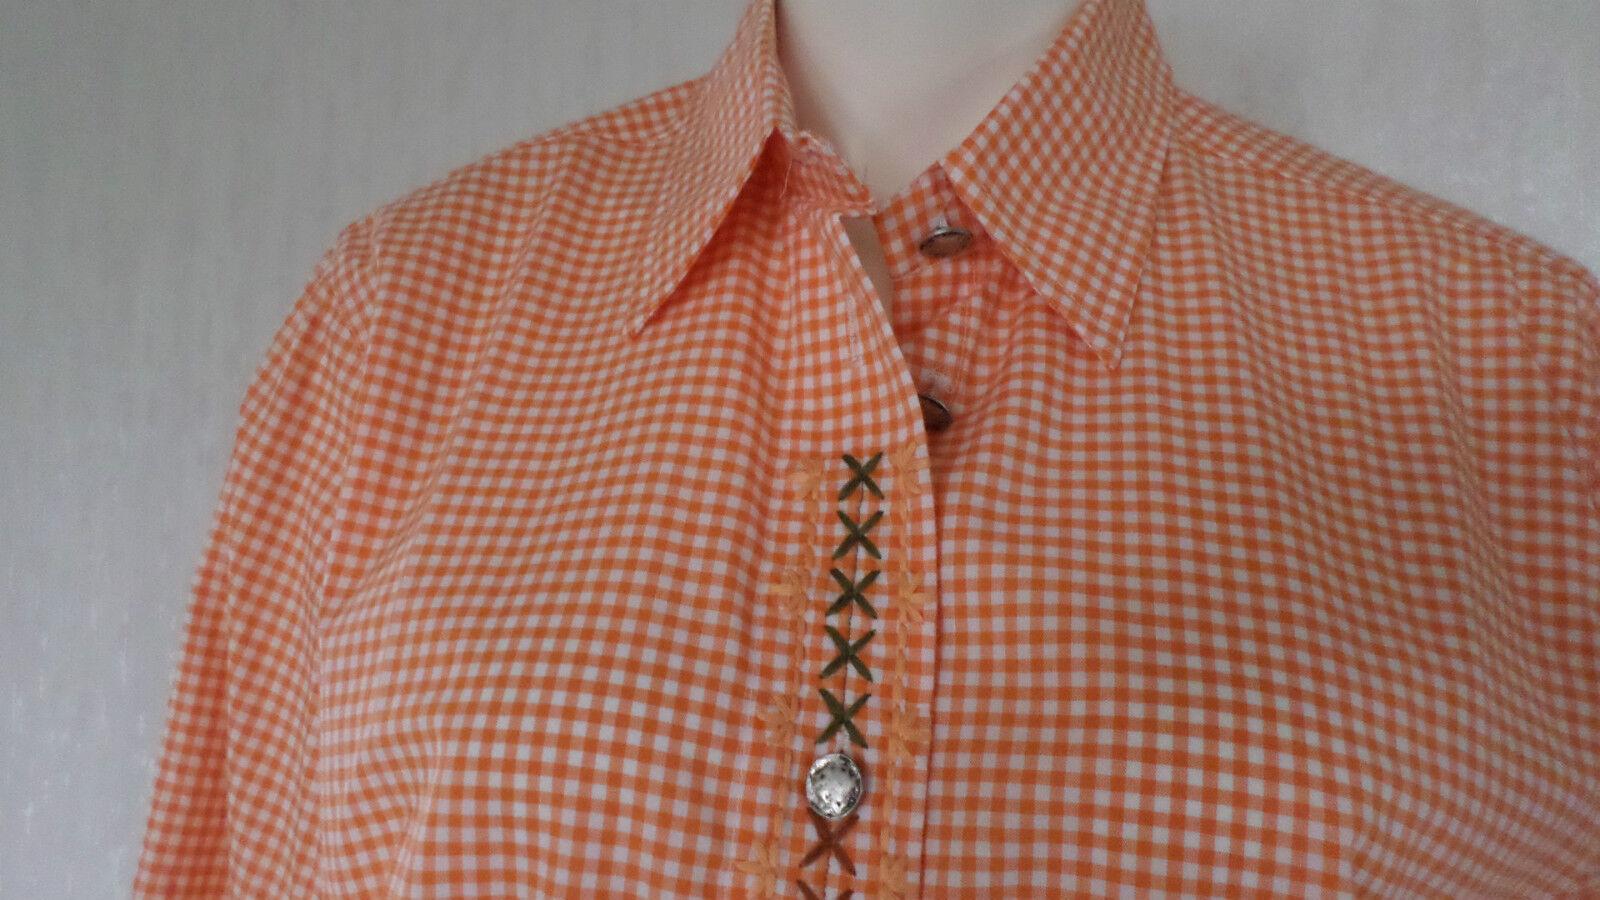 Damen Bluse Trachtenbluse OS TRACHTEN Stickerei Kariert Baumwolle Gr.-40 NEUWARE